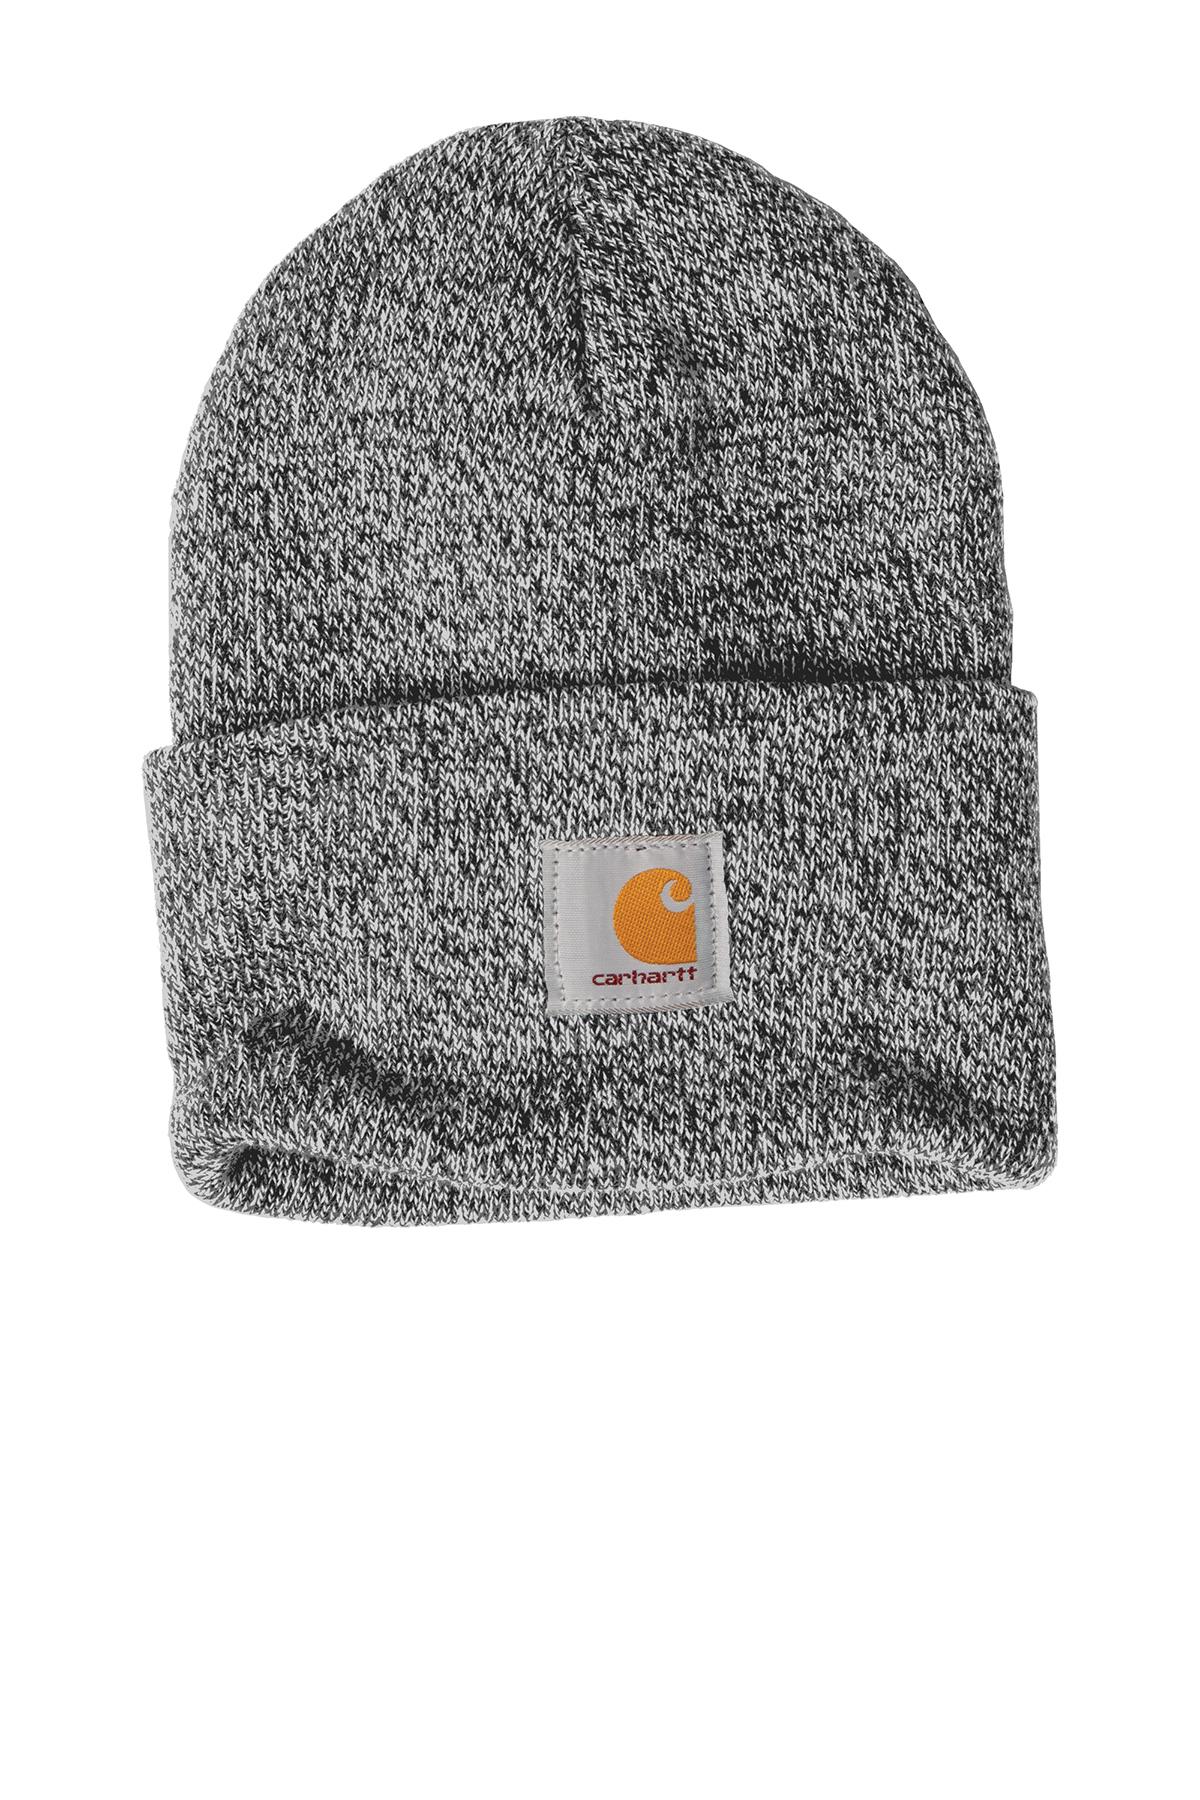 c9ab9b3b2d1e1 Carhartt® CTA18 - Acrylic Watch Hat  12.99 - Headwear